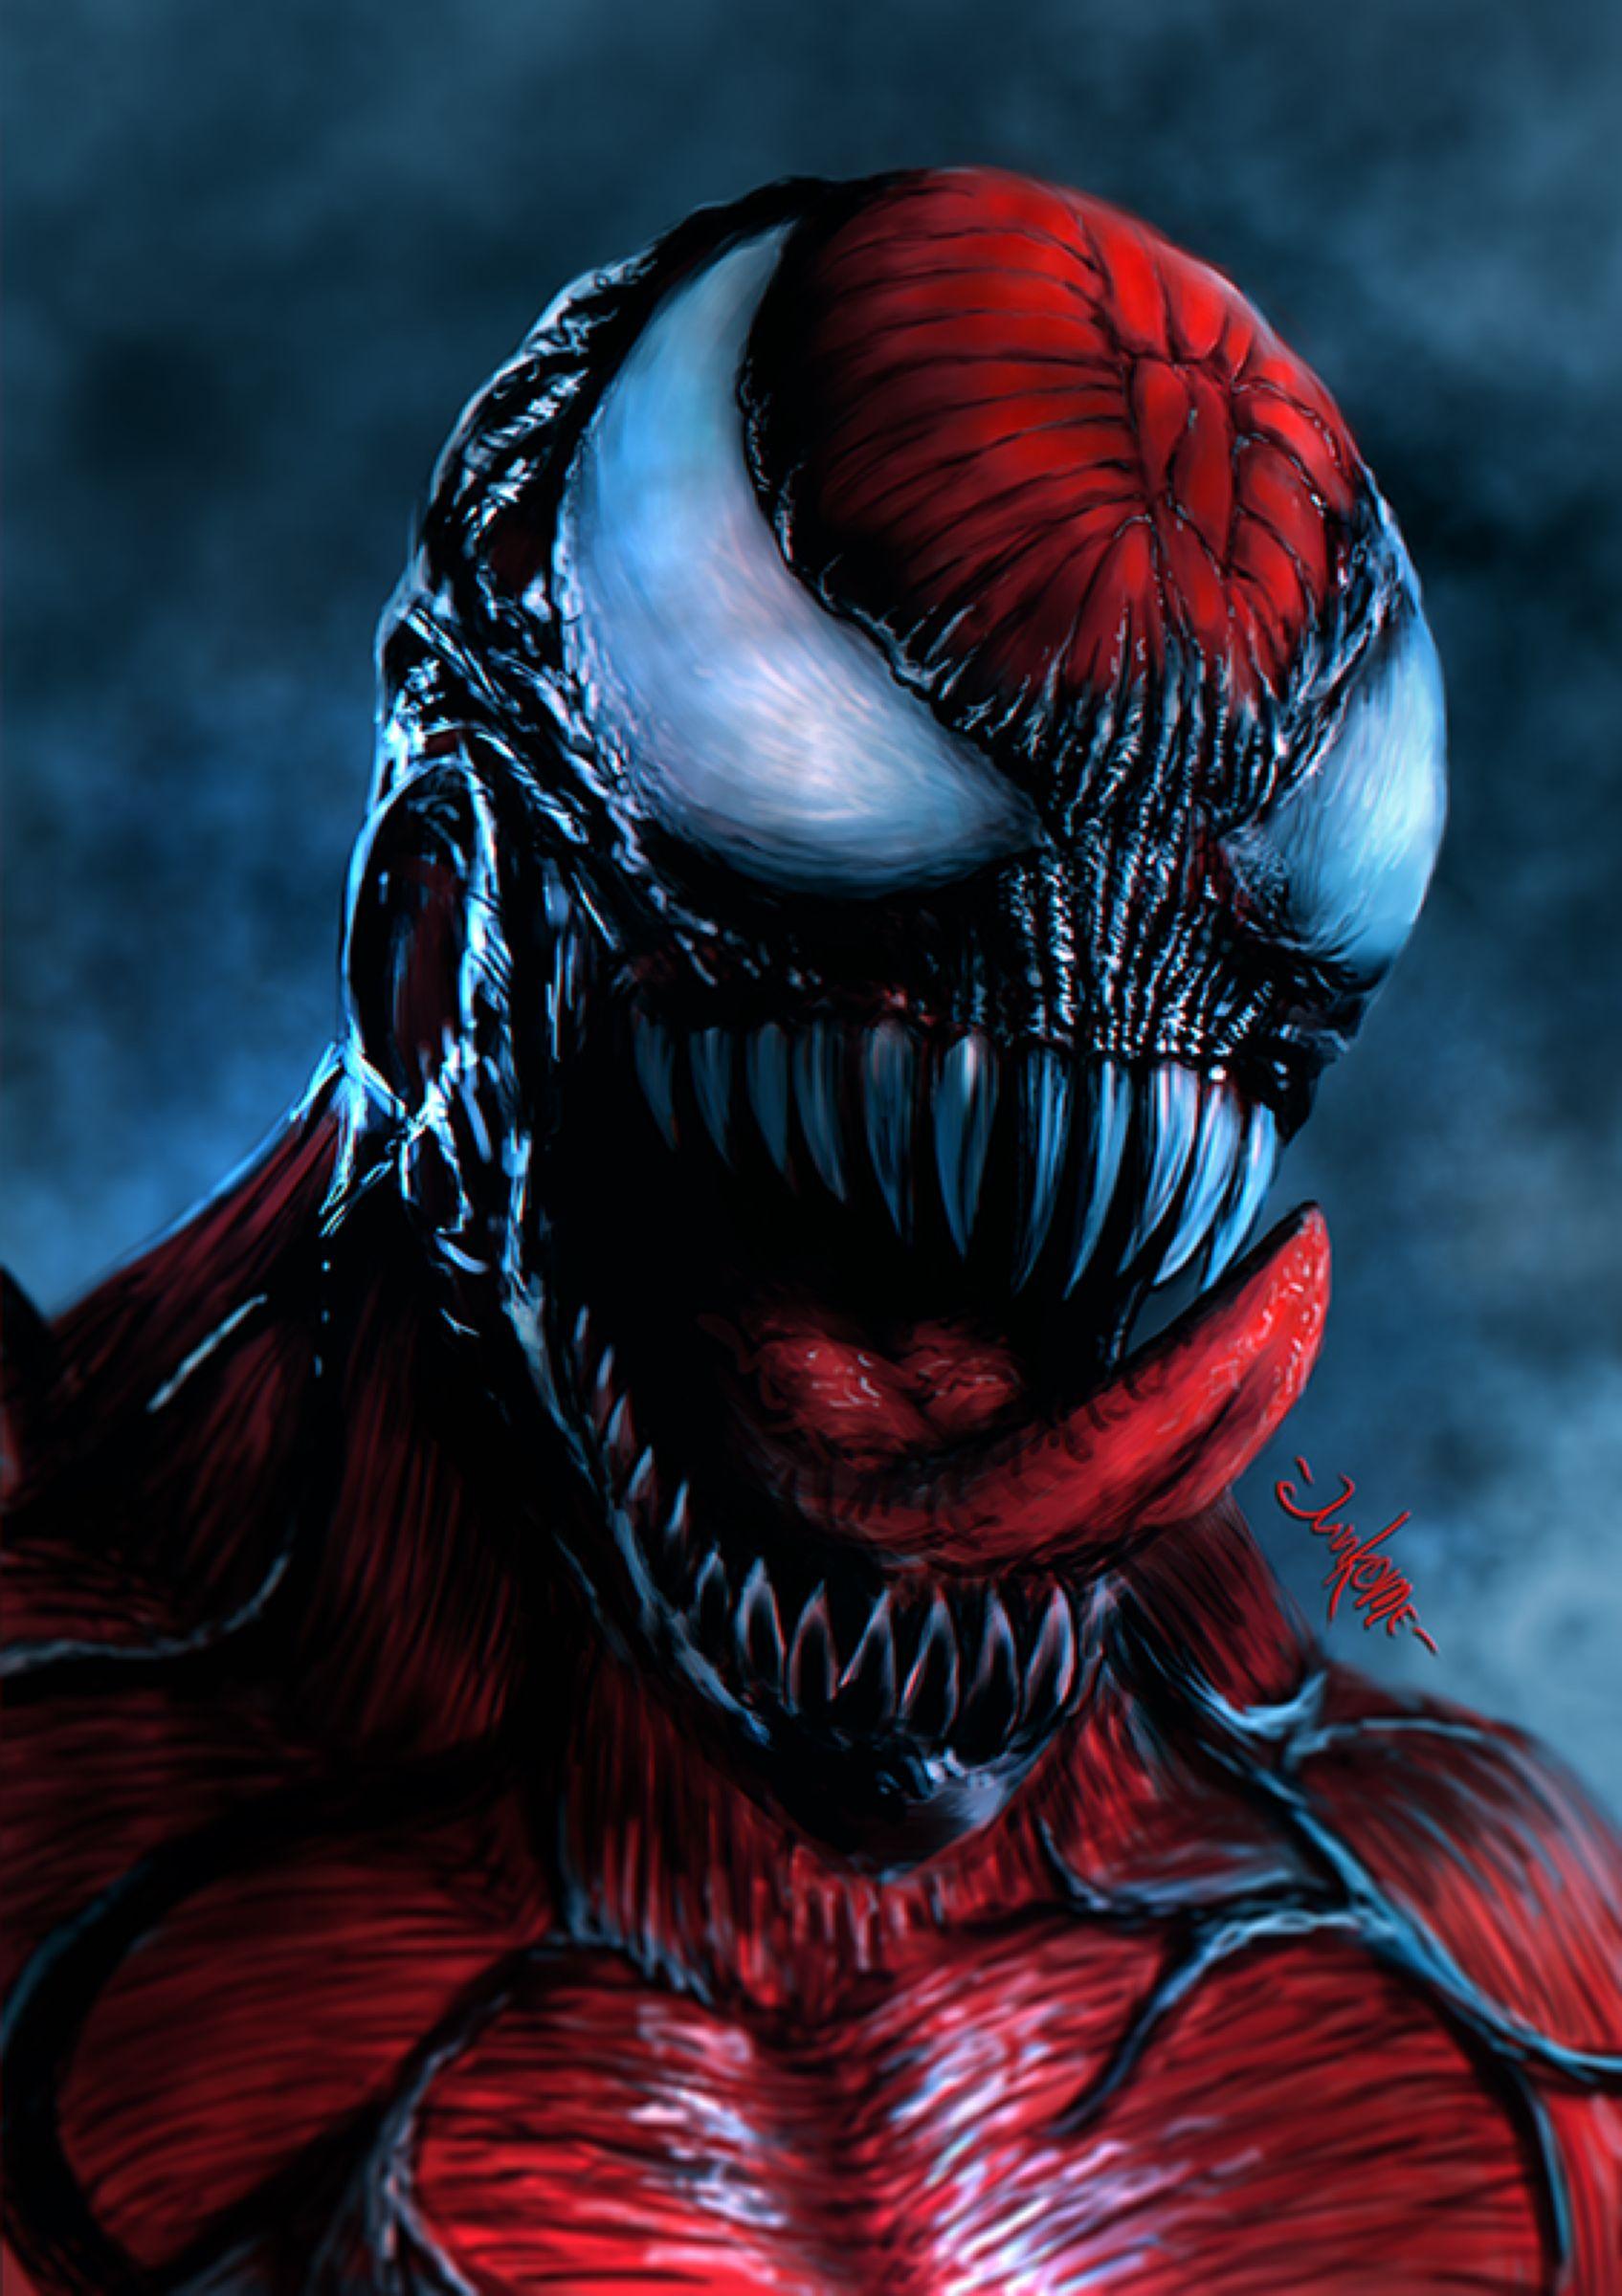 Carnage By Junkome On Deviantart Carnage Marvel Venom Comics Marvel Art Carnage